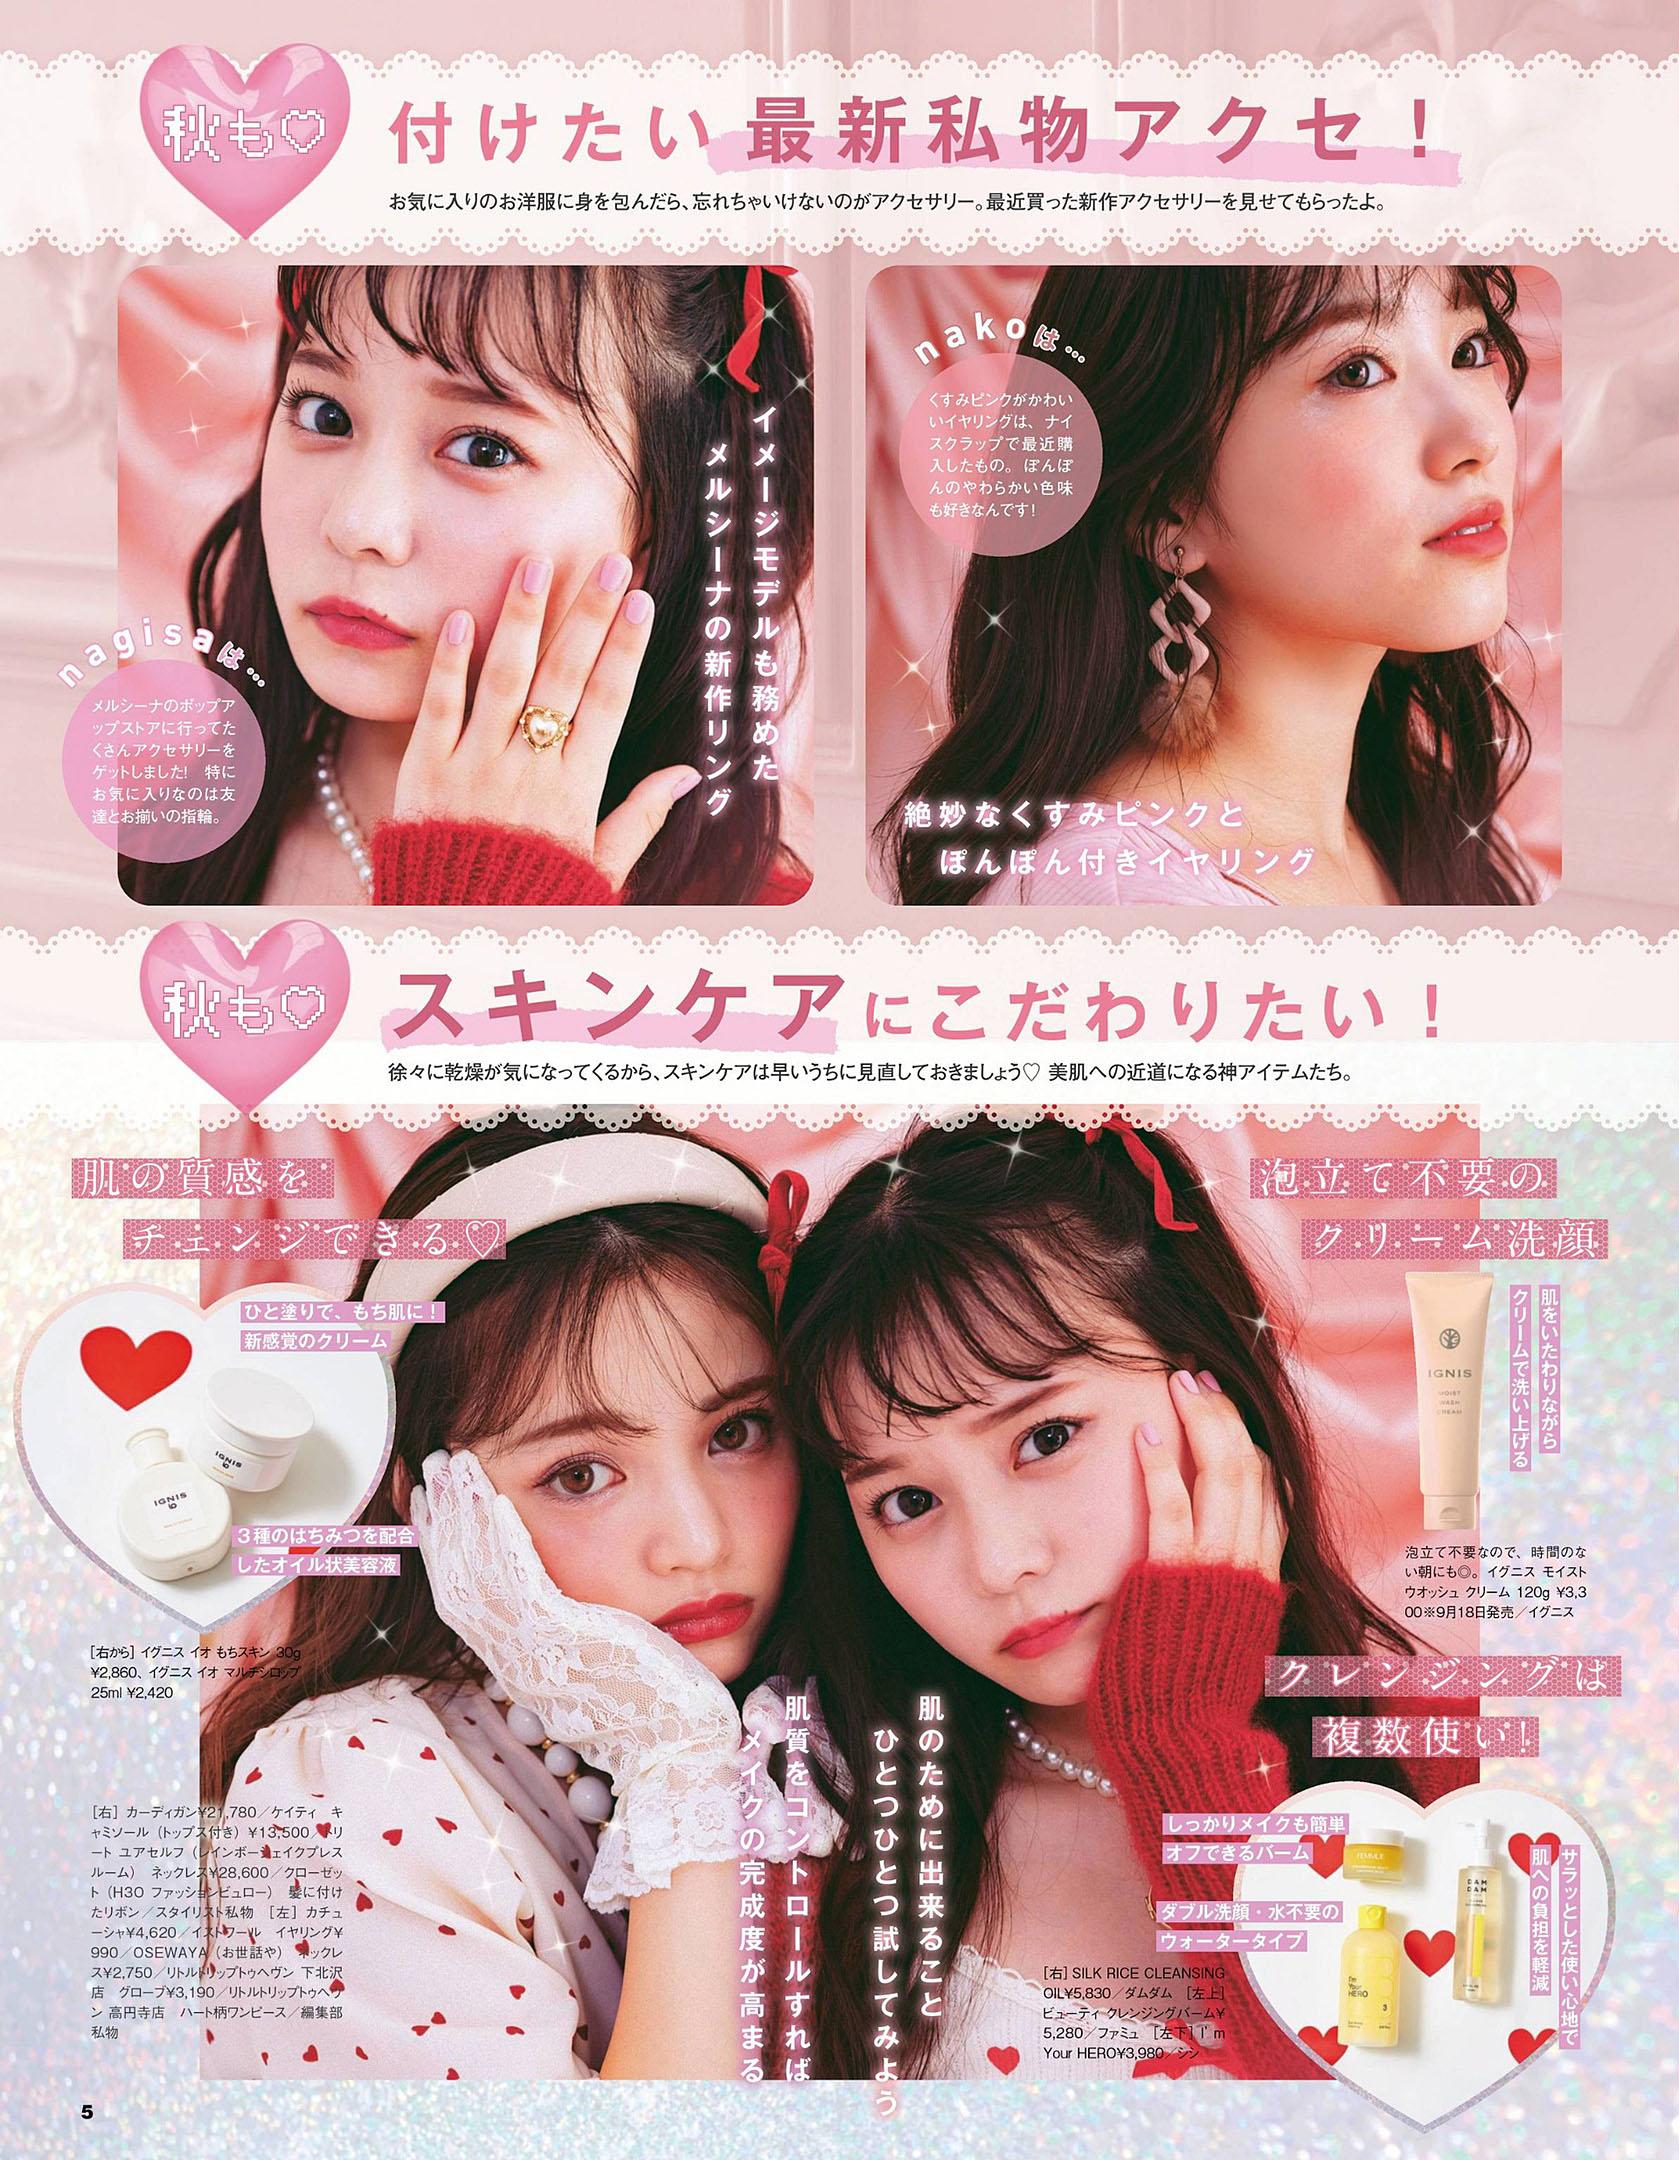 Nako Yabuki HKT48 Larme 50 2021 05.jpg